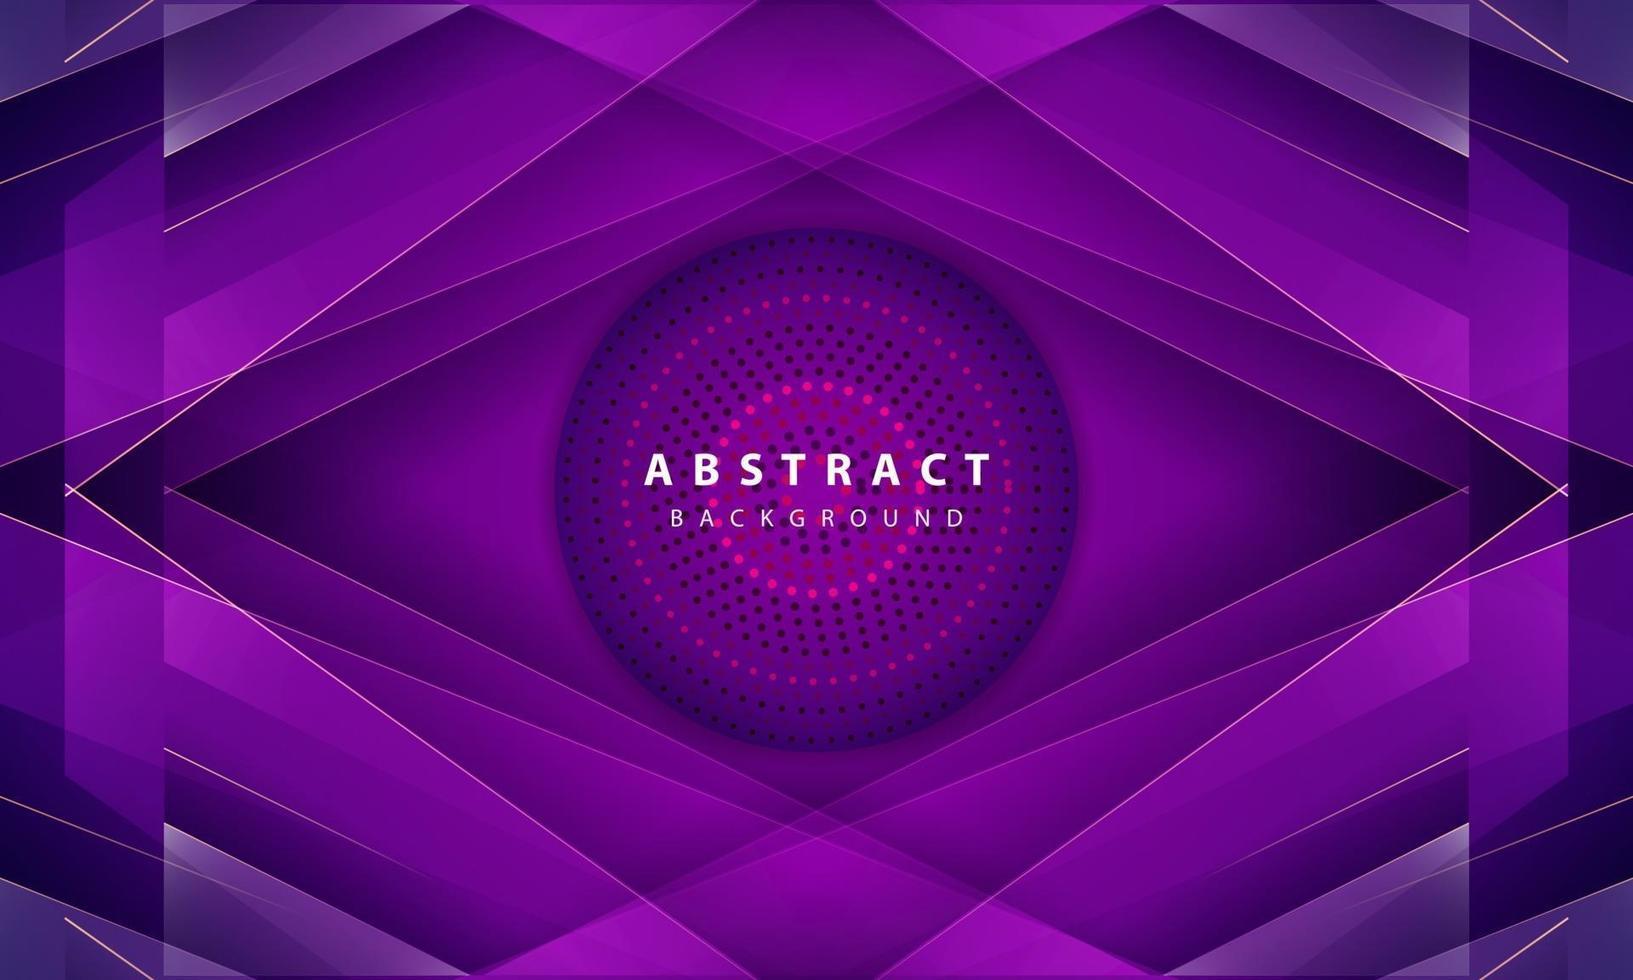 moderner abstrakter lila Hintergrundvektor. Layoutdesign mit dynamischen Formen vektor